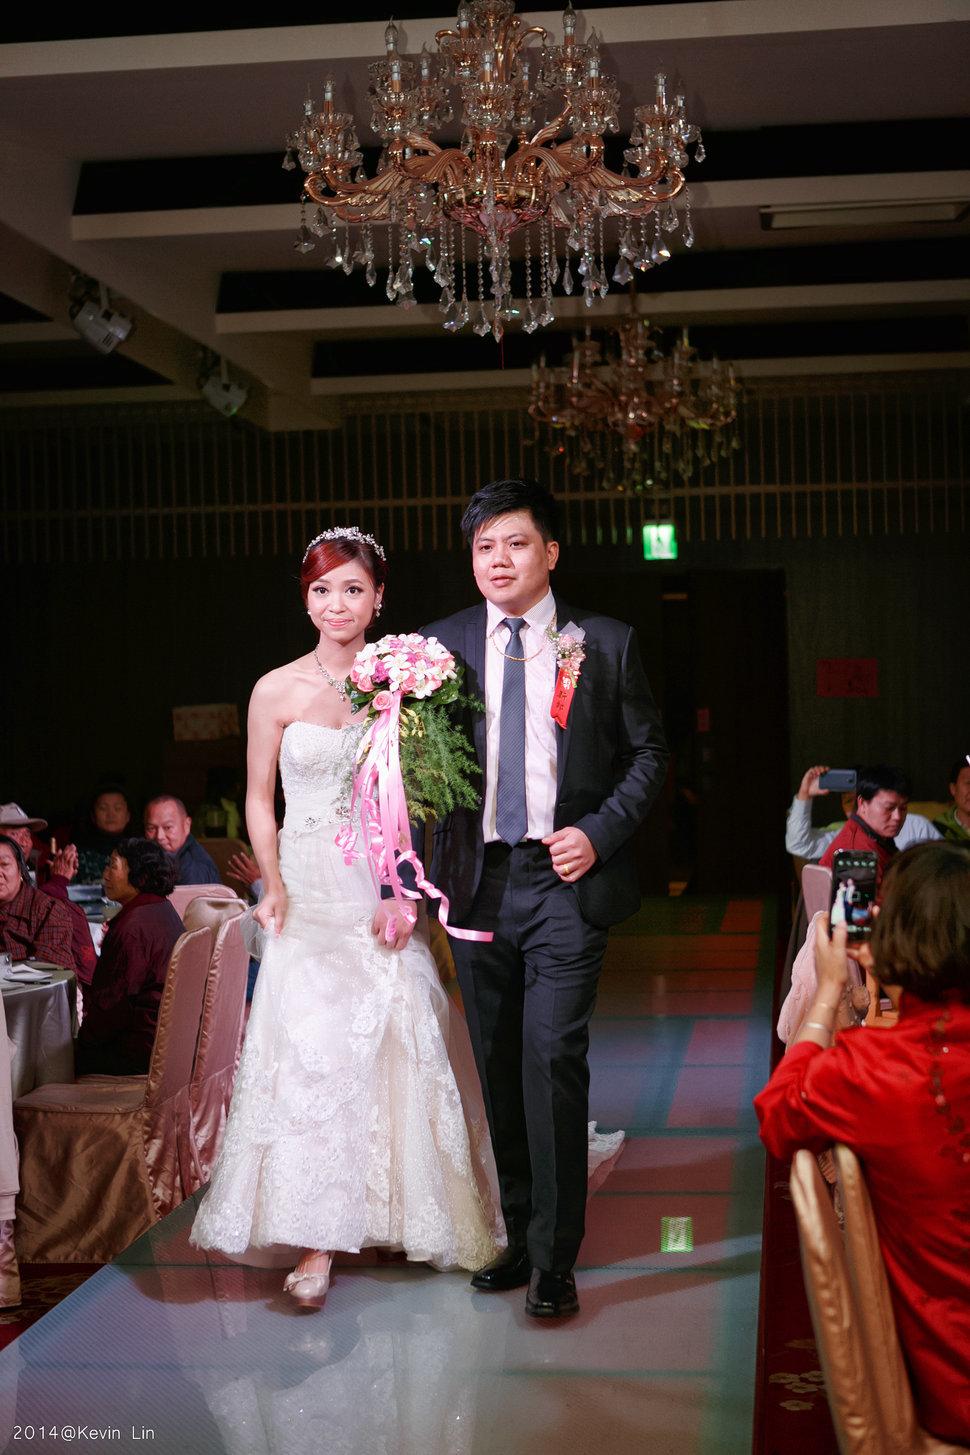 訂婚/彰化全國麗園(編號:162024) - 绊嵐攝 - 結婚吧一站式婚禮服務平台